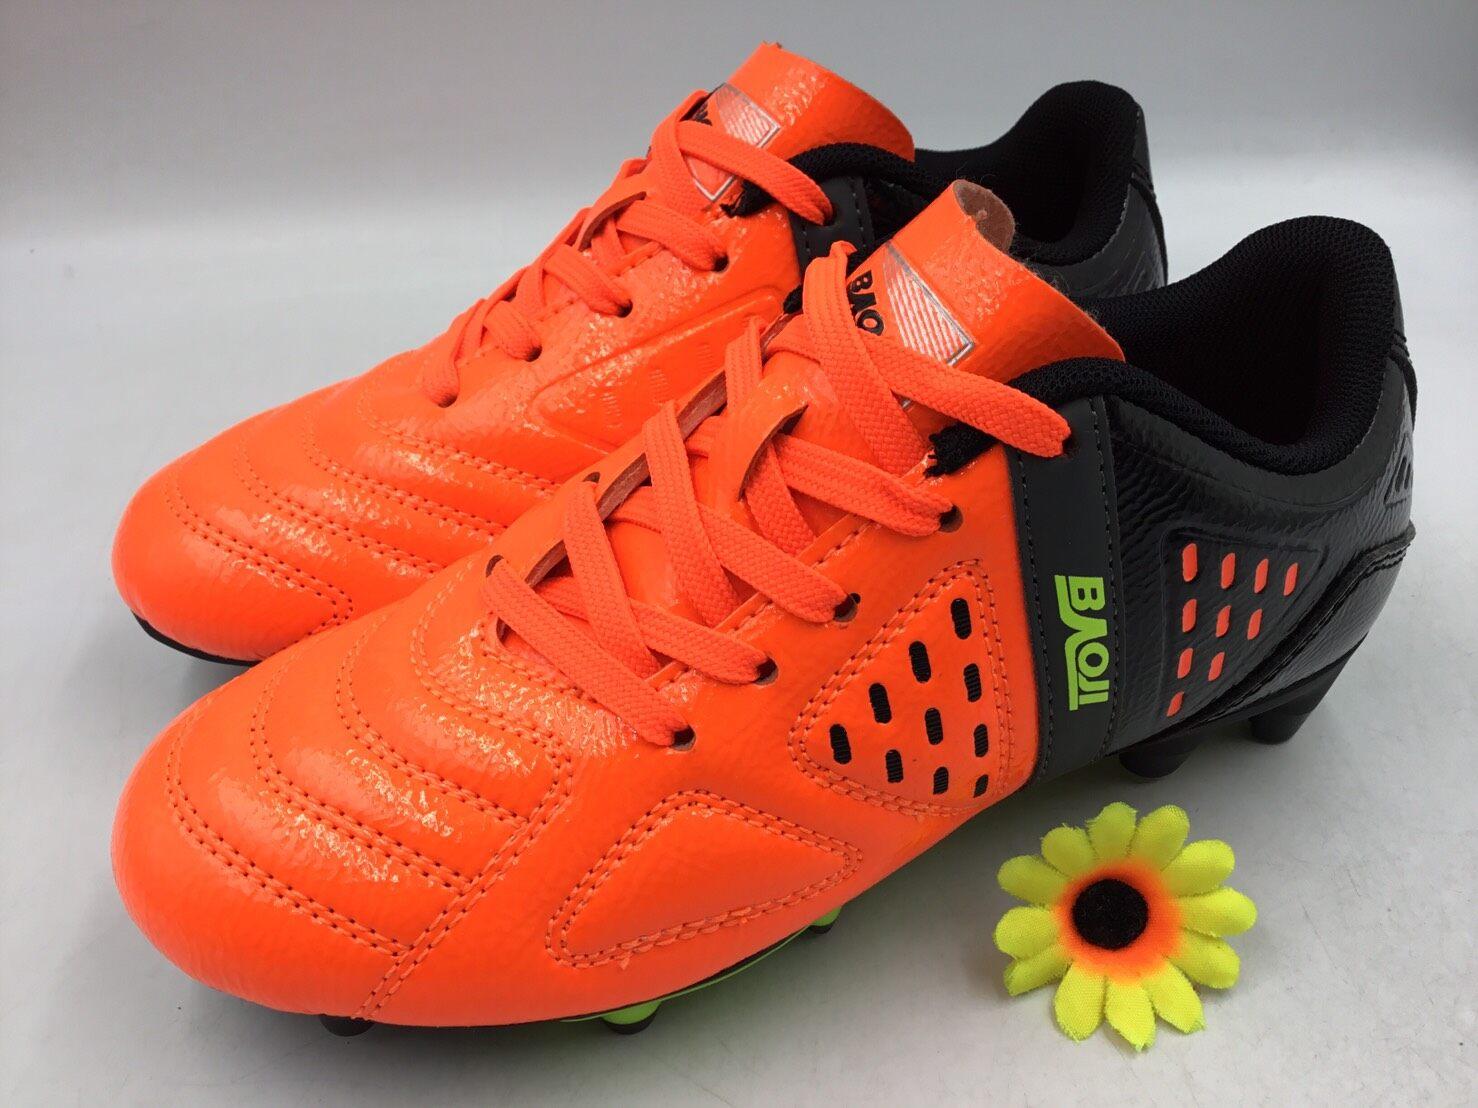 รองเท้าสตั๊ดเด็ก แบรนด์ Baoji(บาโอจิ) รุ่นgh817.